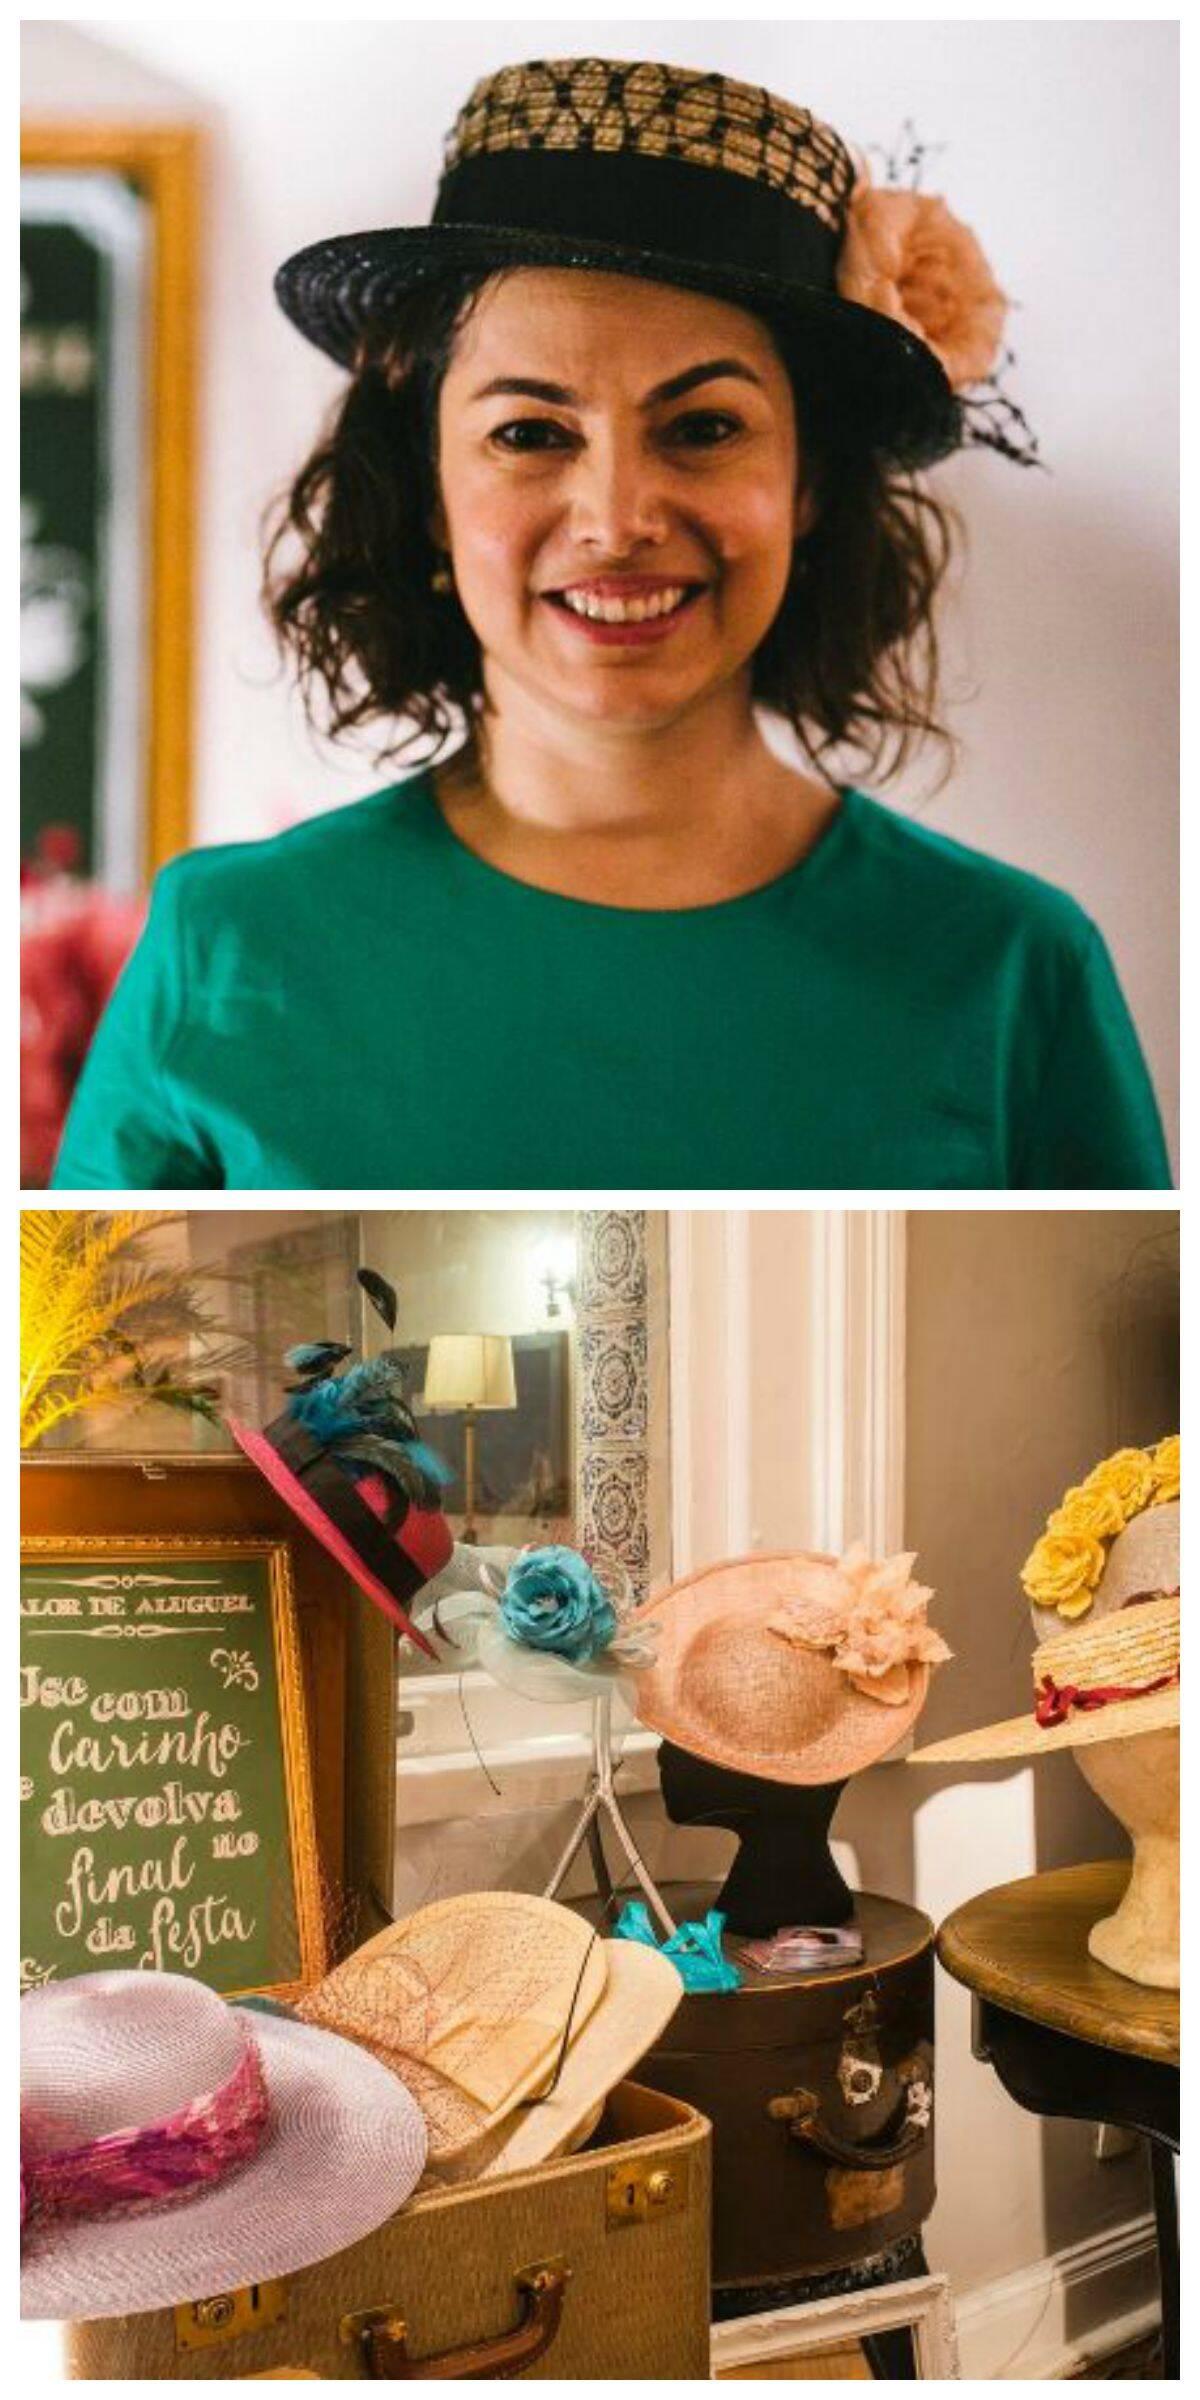 Barbara e sua coleção: para uma festa de 150 convidados ela costuma levar 50 chapéus